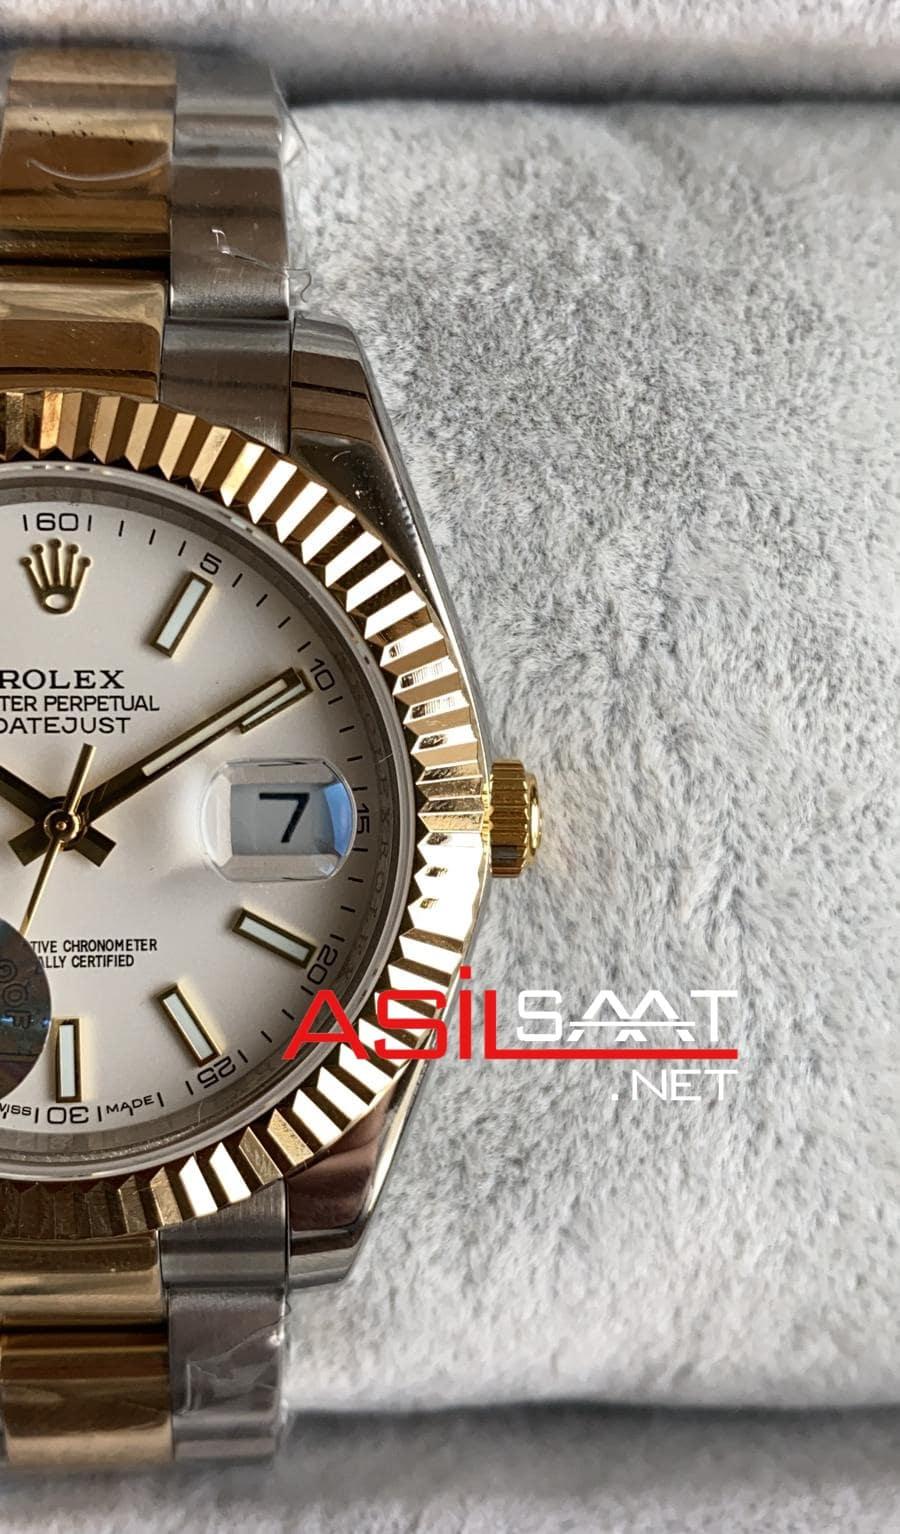 Rolex Datejust Two Tone Replika Saat ROLDJ017